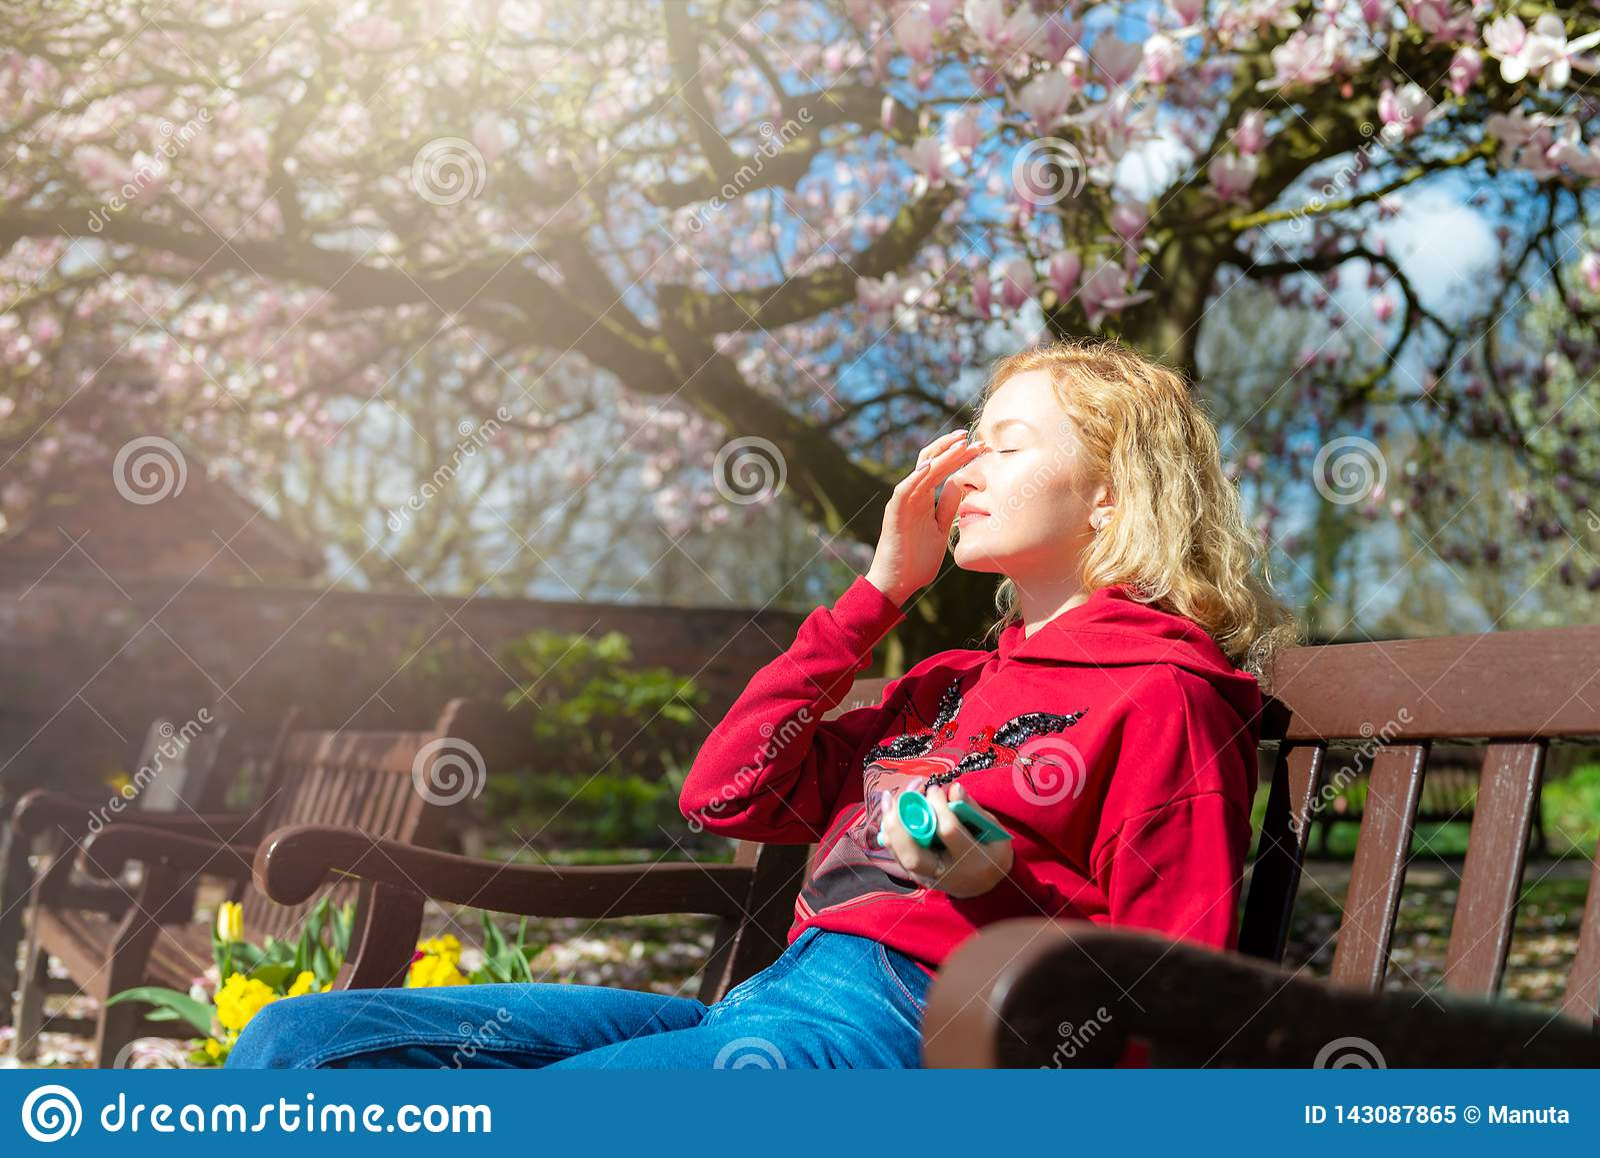 Η νέα γυναίκα εφαρμόζει sunscreen στο πρόσωπό της καθμένος στον πάγκο στο πάρκο